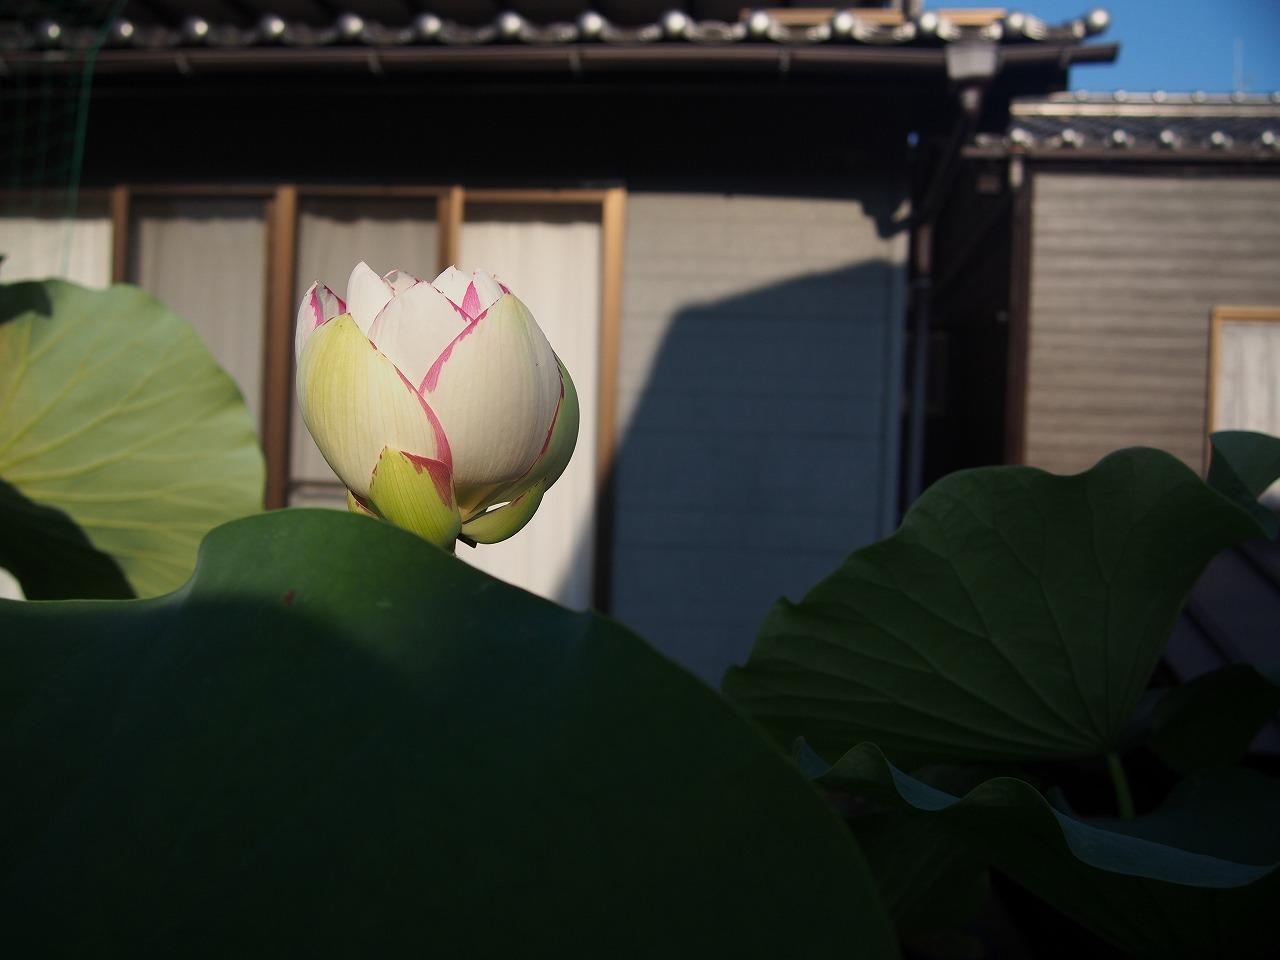 20170720-Lotus_Tenjikumadarabasu-O01.jpg